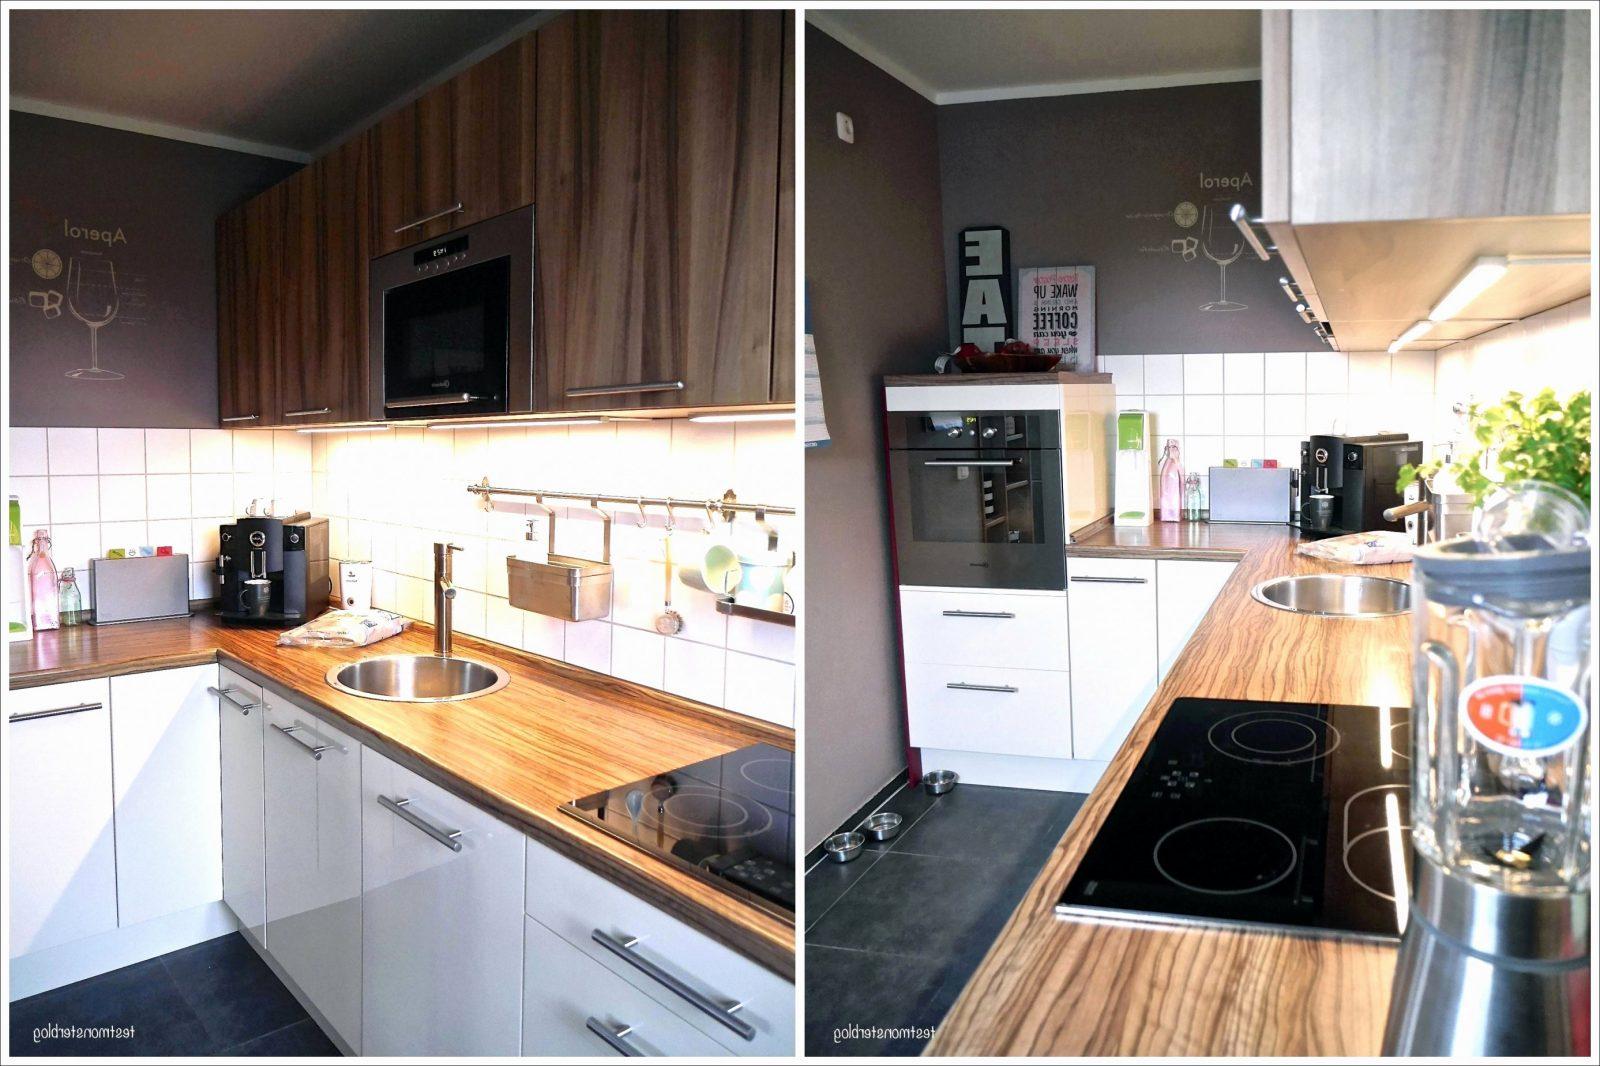 Küche Neu Streichen Schön Alte Küche Streichen Elegant Enorm von Küche Neu Streichen Und Gestalten Bild